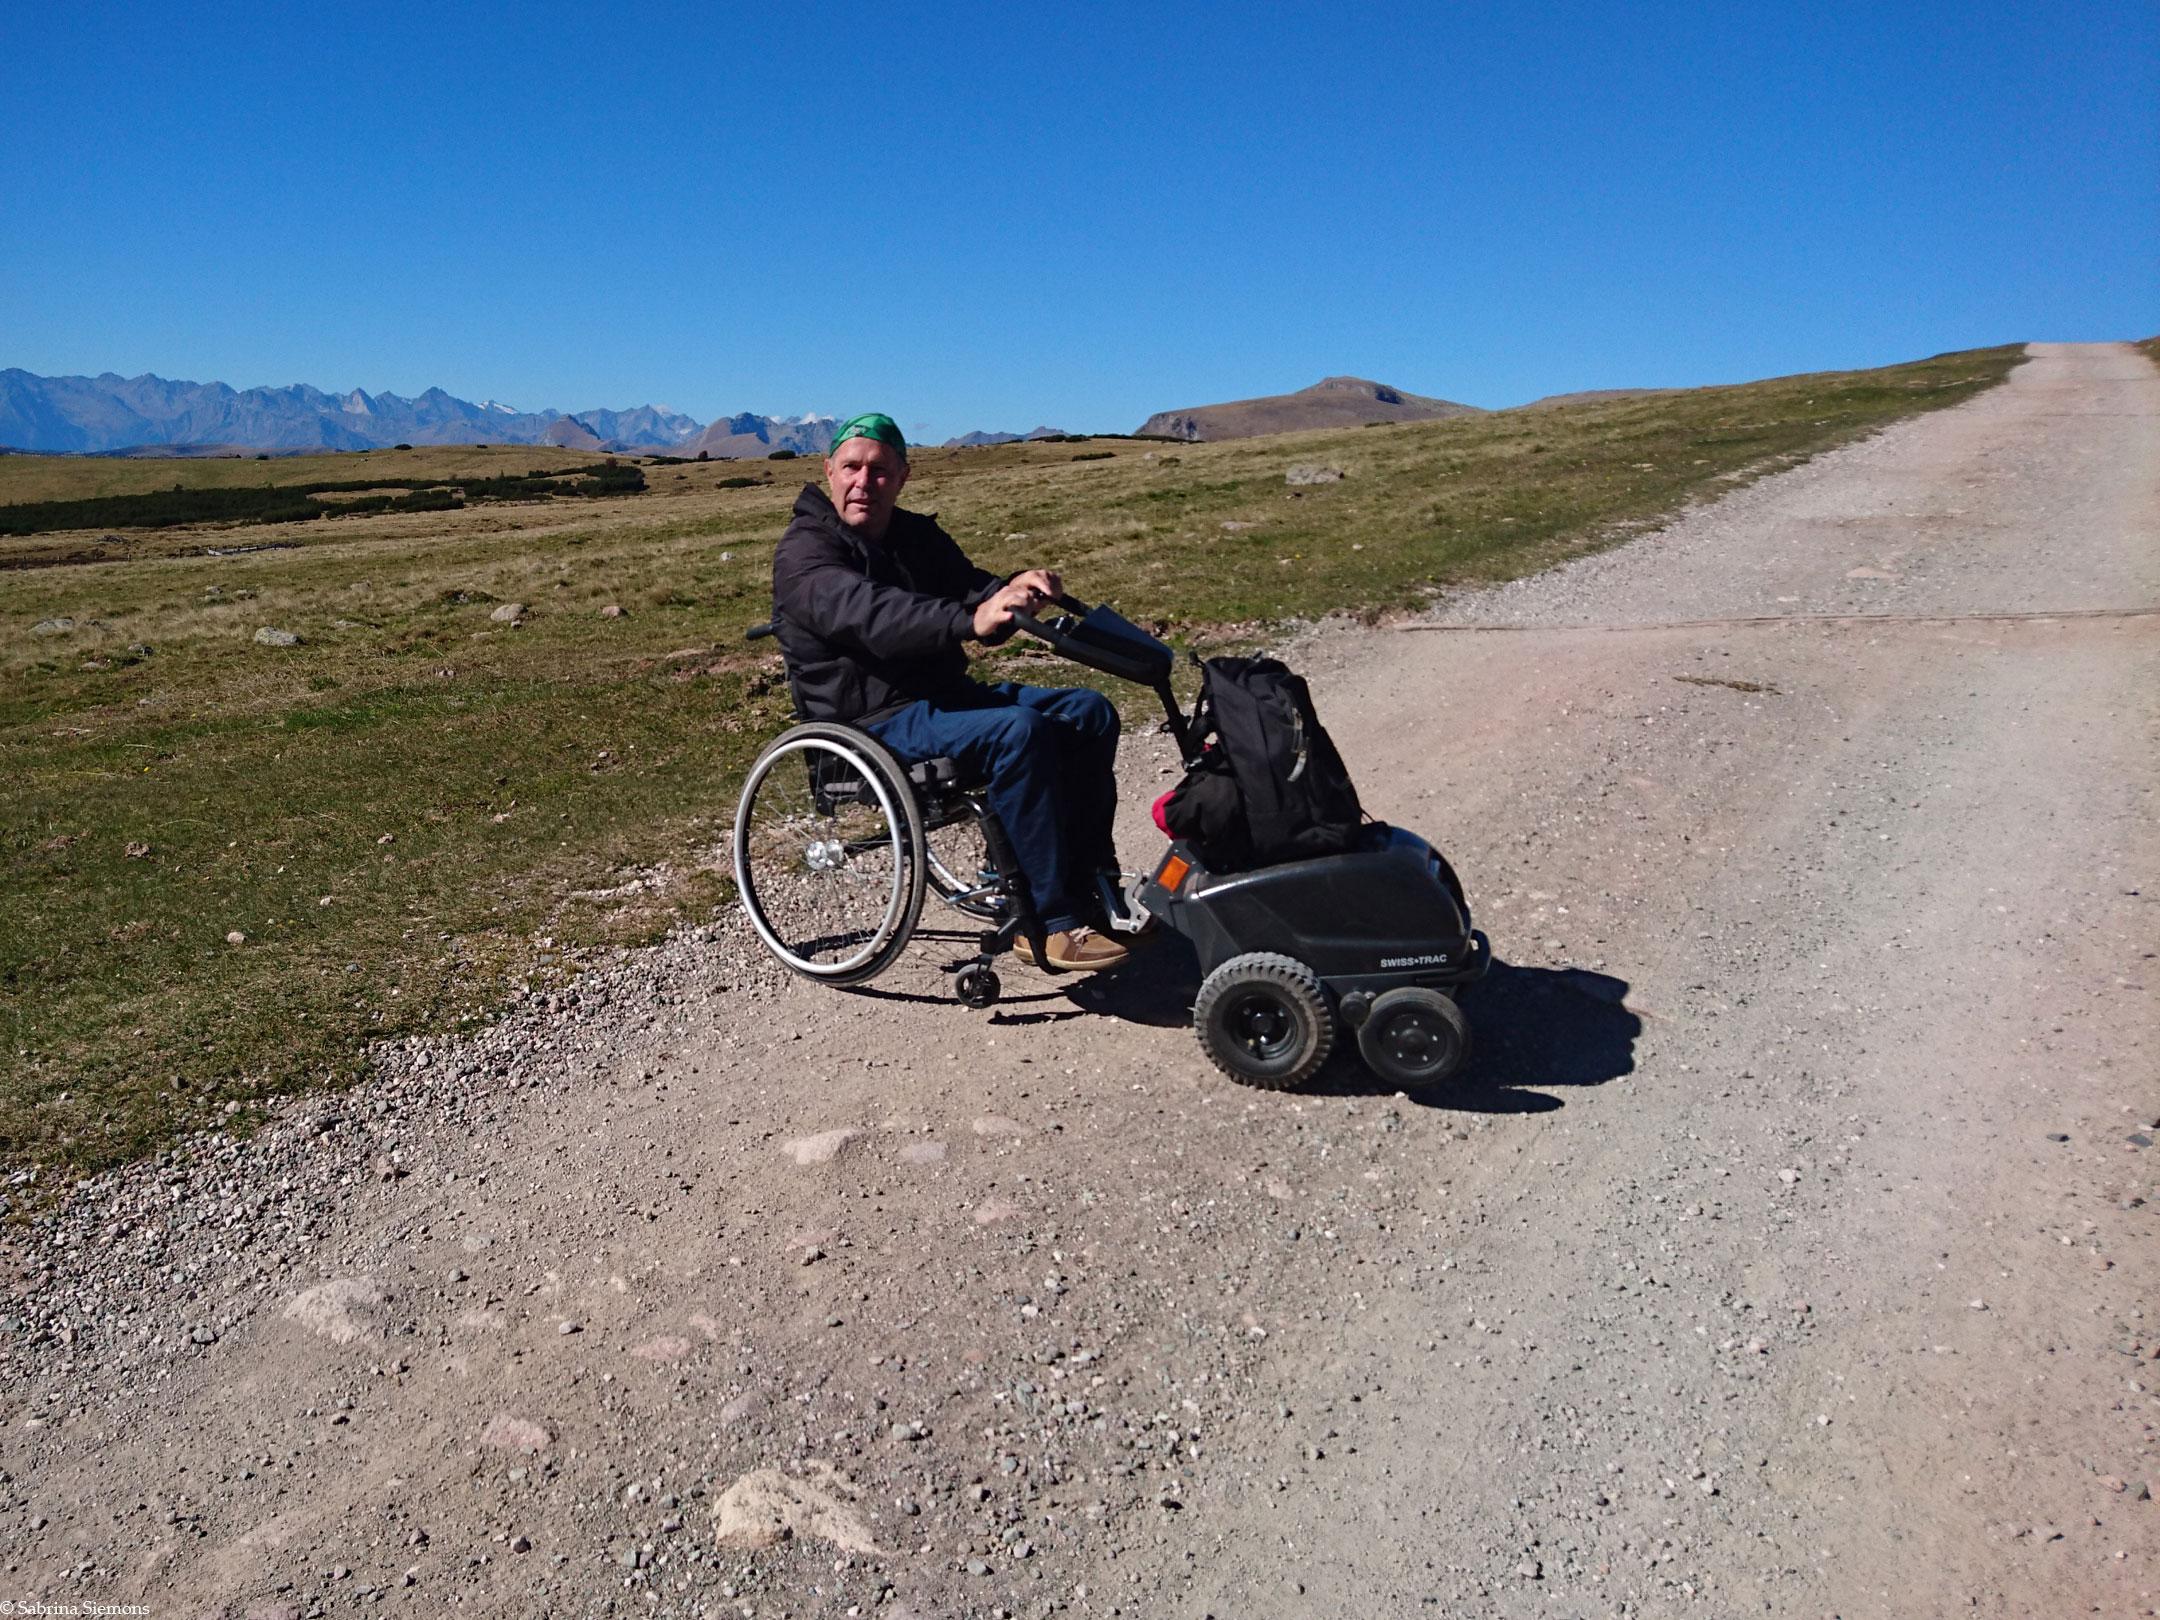 Wheelchair-Tours-Wheelchair-Rittner-Horn-Rueckblick-Ortler-Weg-with-Baumi2-1